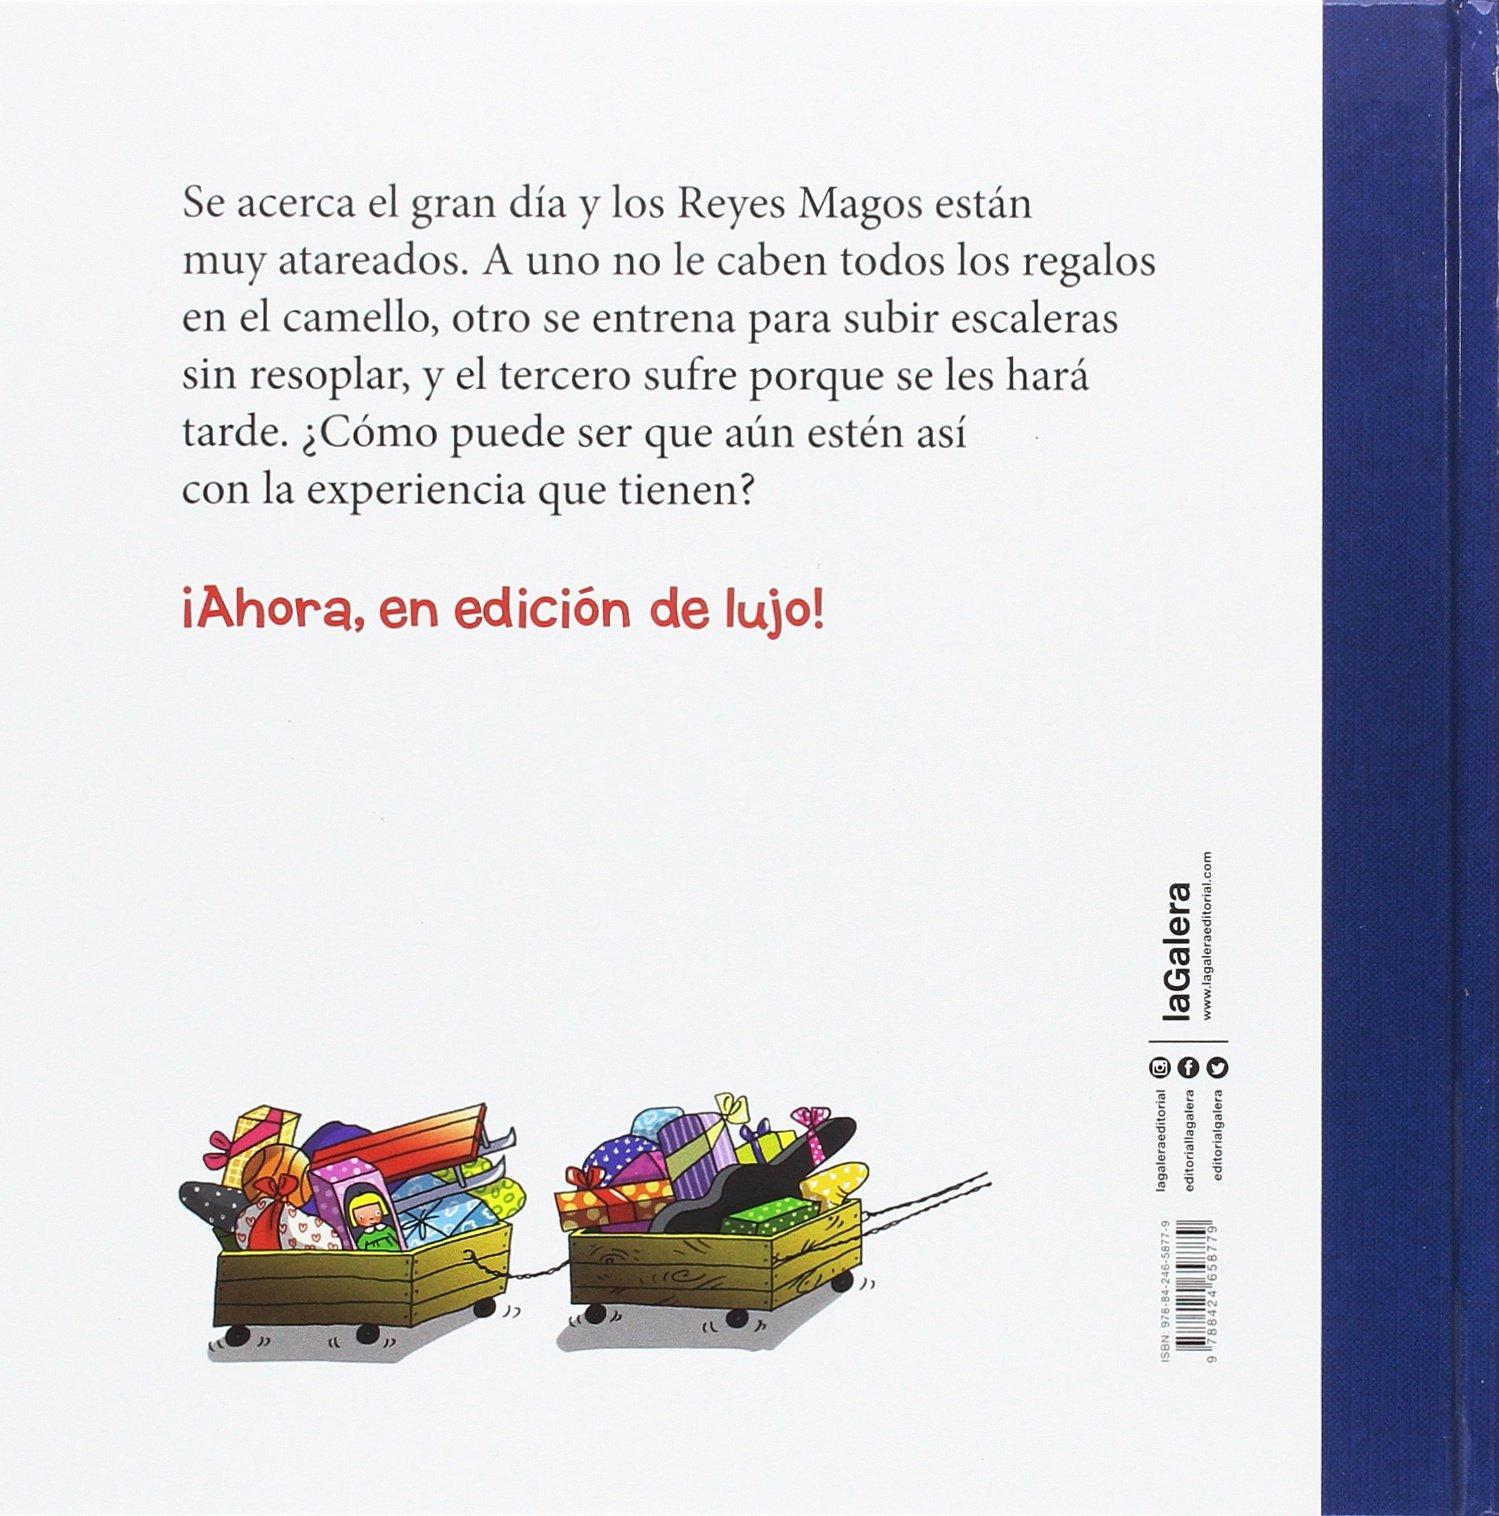 Los Reyes Magos: 89 (Tradiciones): Amazon.es: Canyelles Roca, Anna, Calafell Serra, Roser, Mazzanti Castrillejo, Marcelo E.: Libros